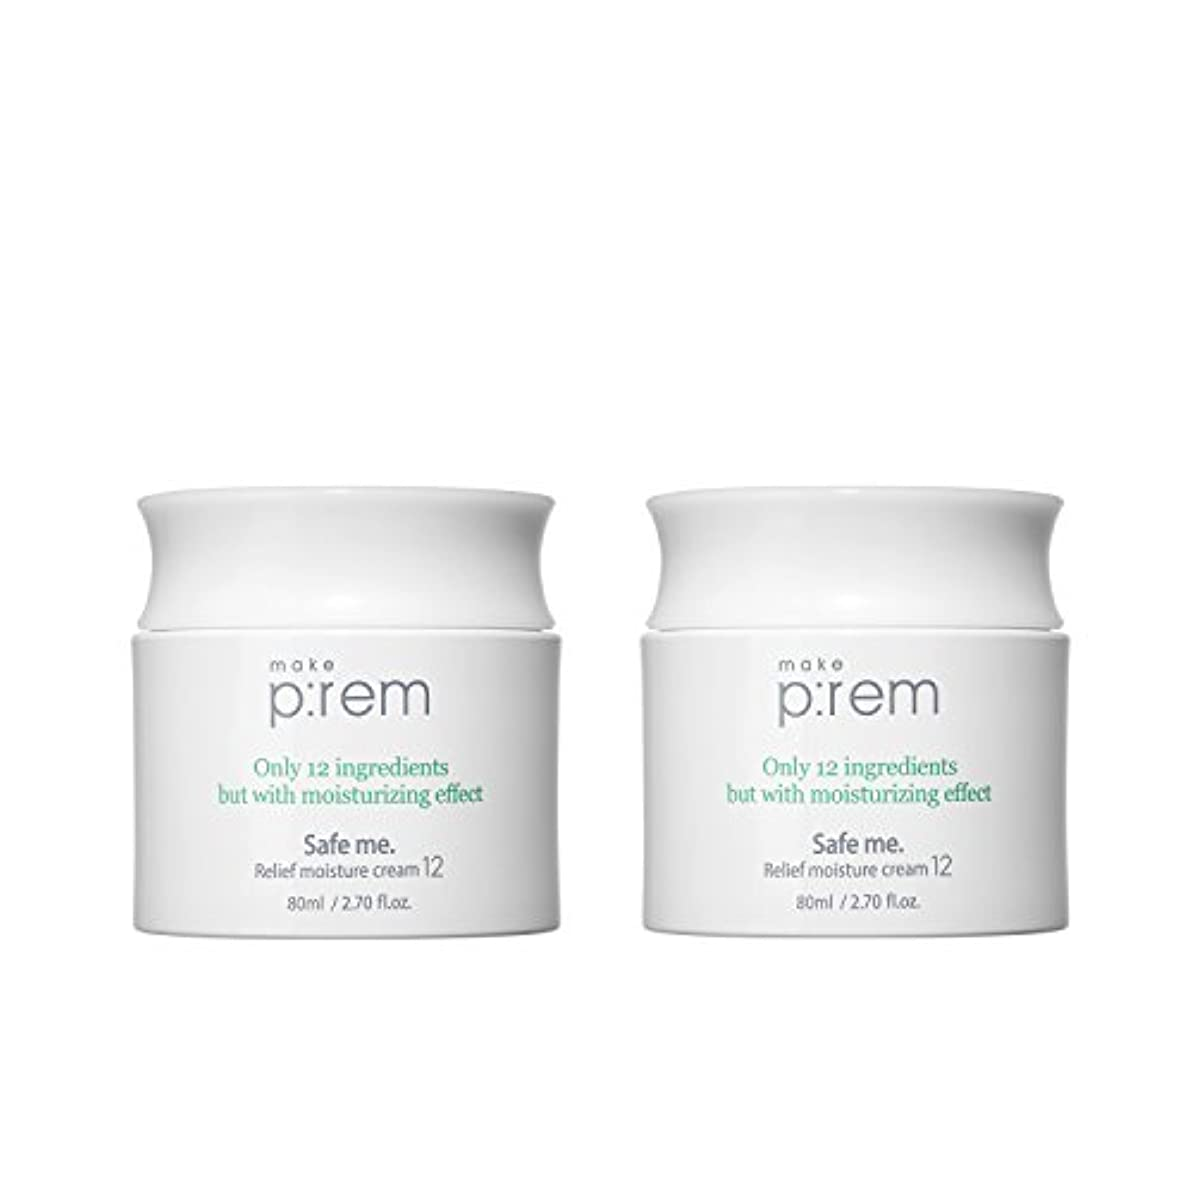 承認面ビリー(2個セット) x [MAKE P:REM] メイクプレム セーフミ?リリーフモイスチャークリーム12 80ml / Safe me. Relief moisture Cream 12 80ml / / 韓国製 . 海外直送品